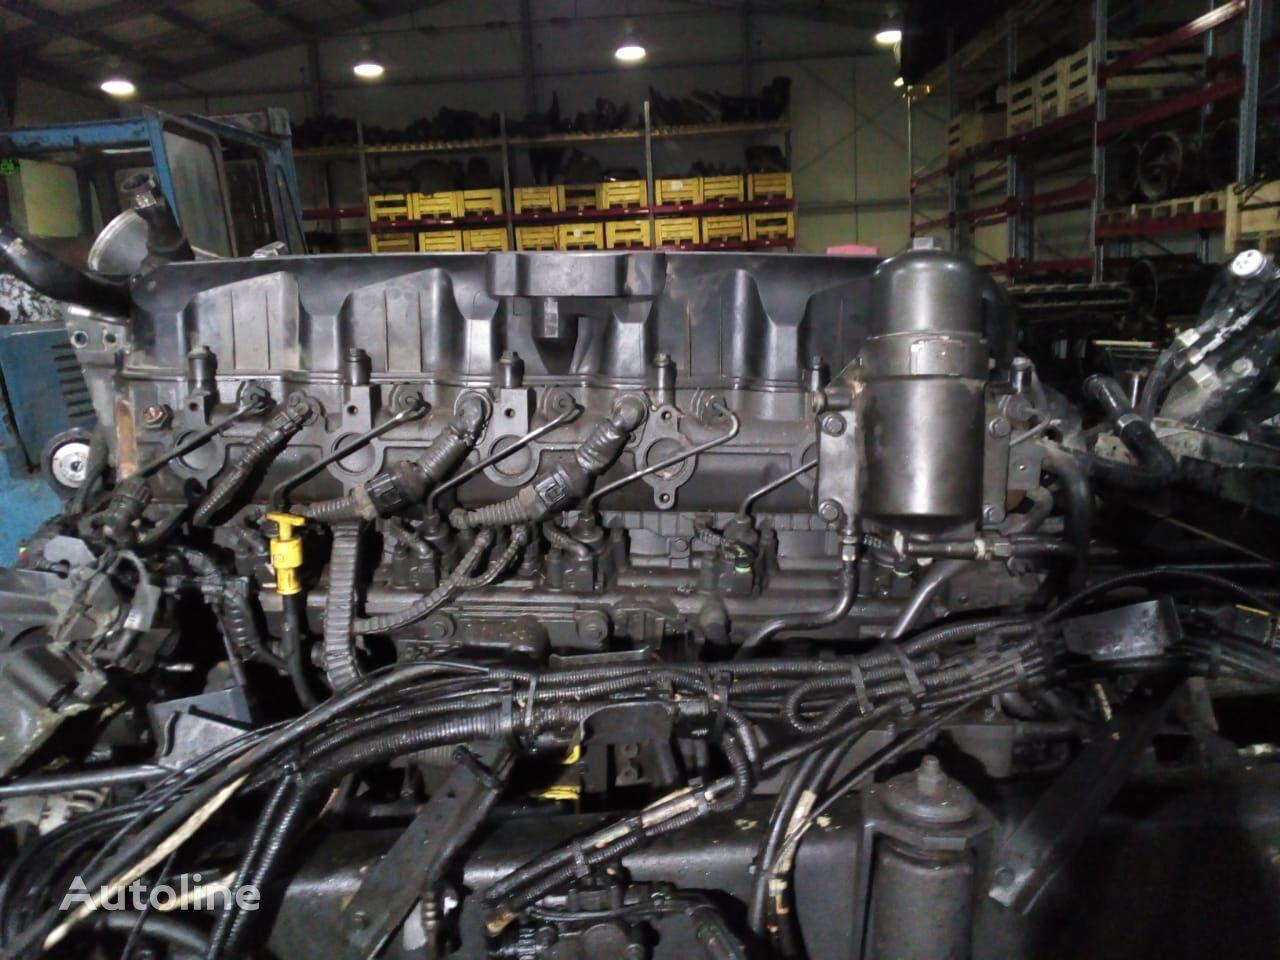 MX340U4 engine for DAF XF105 truck